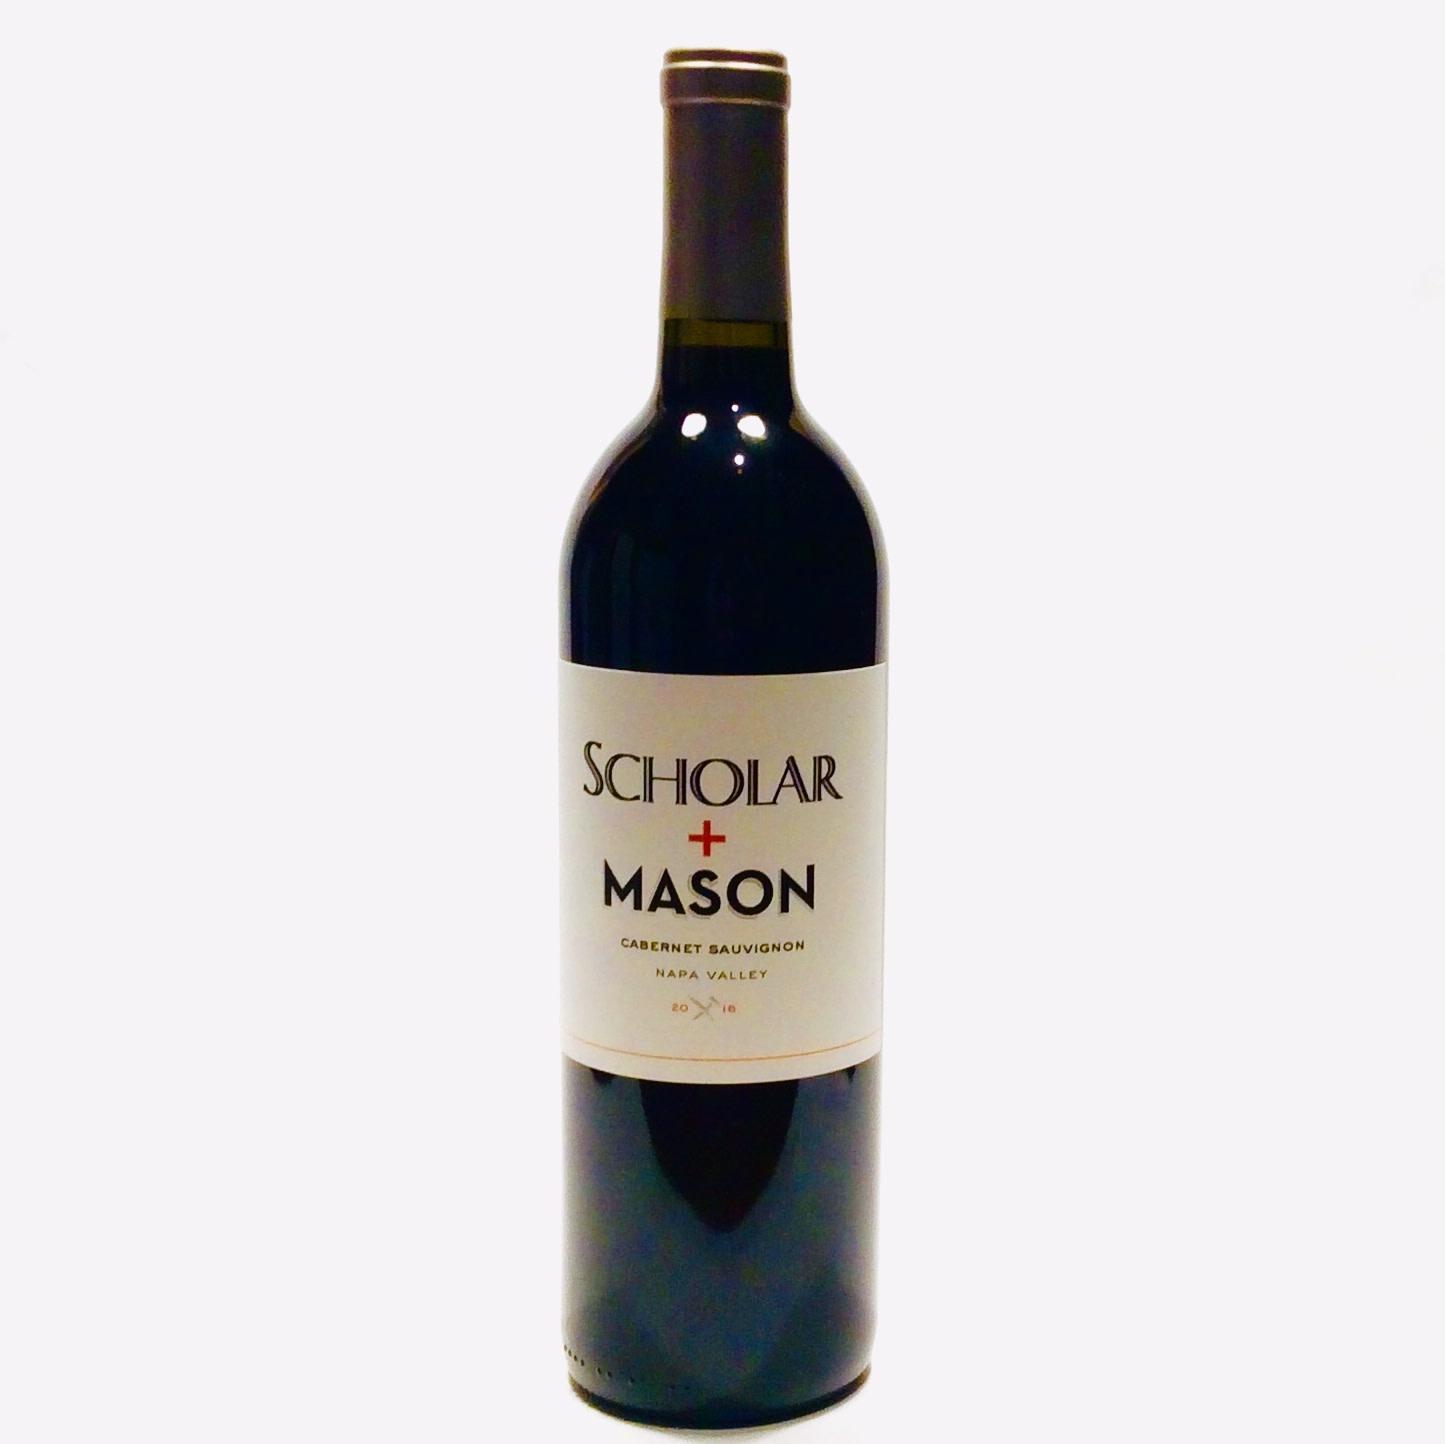 Scholar & Mason - Cabernet Sauvignon - Napa 2016 (750 ml)